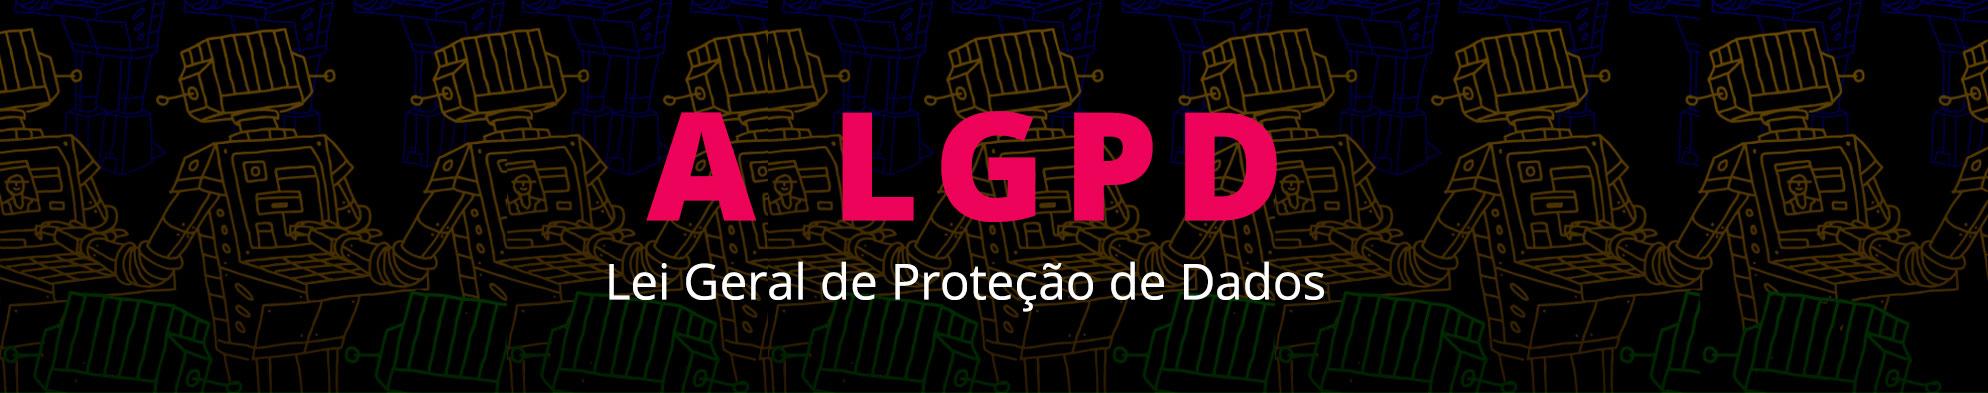 Banner na cor preta com a sigla LGPD em vermelho texto Lei Geral de Proteção de Dados em branco abaixo